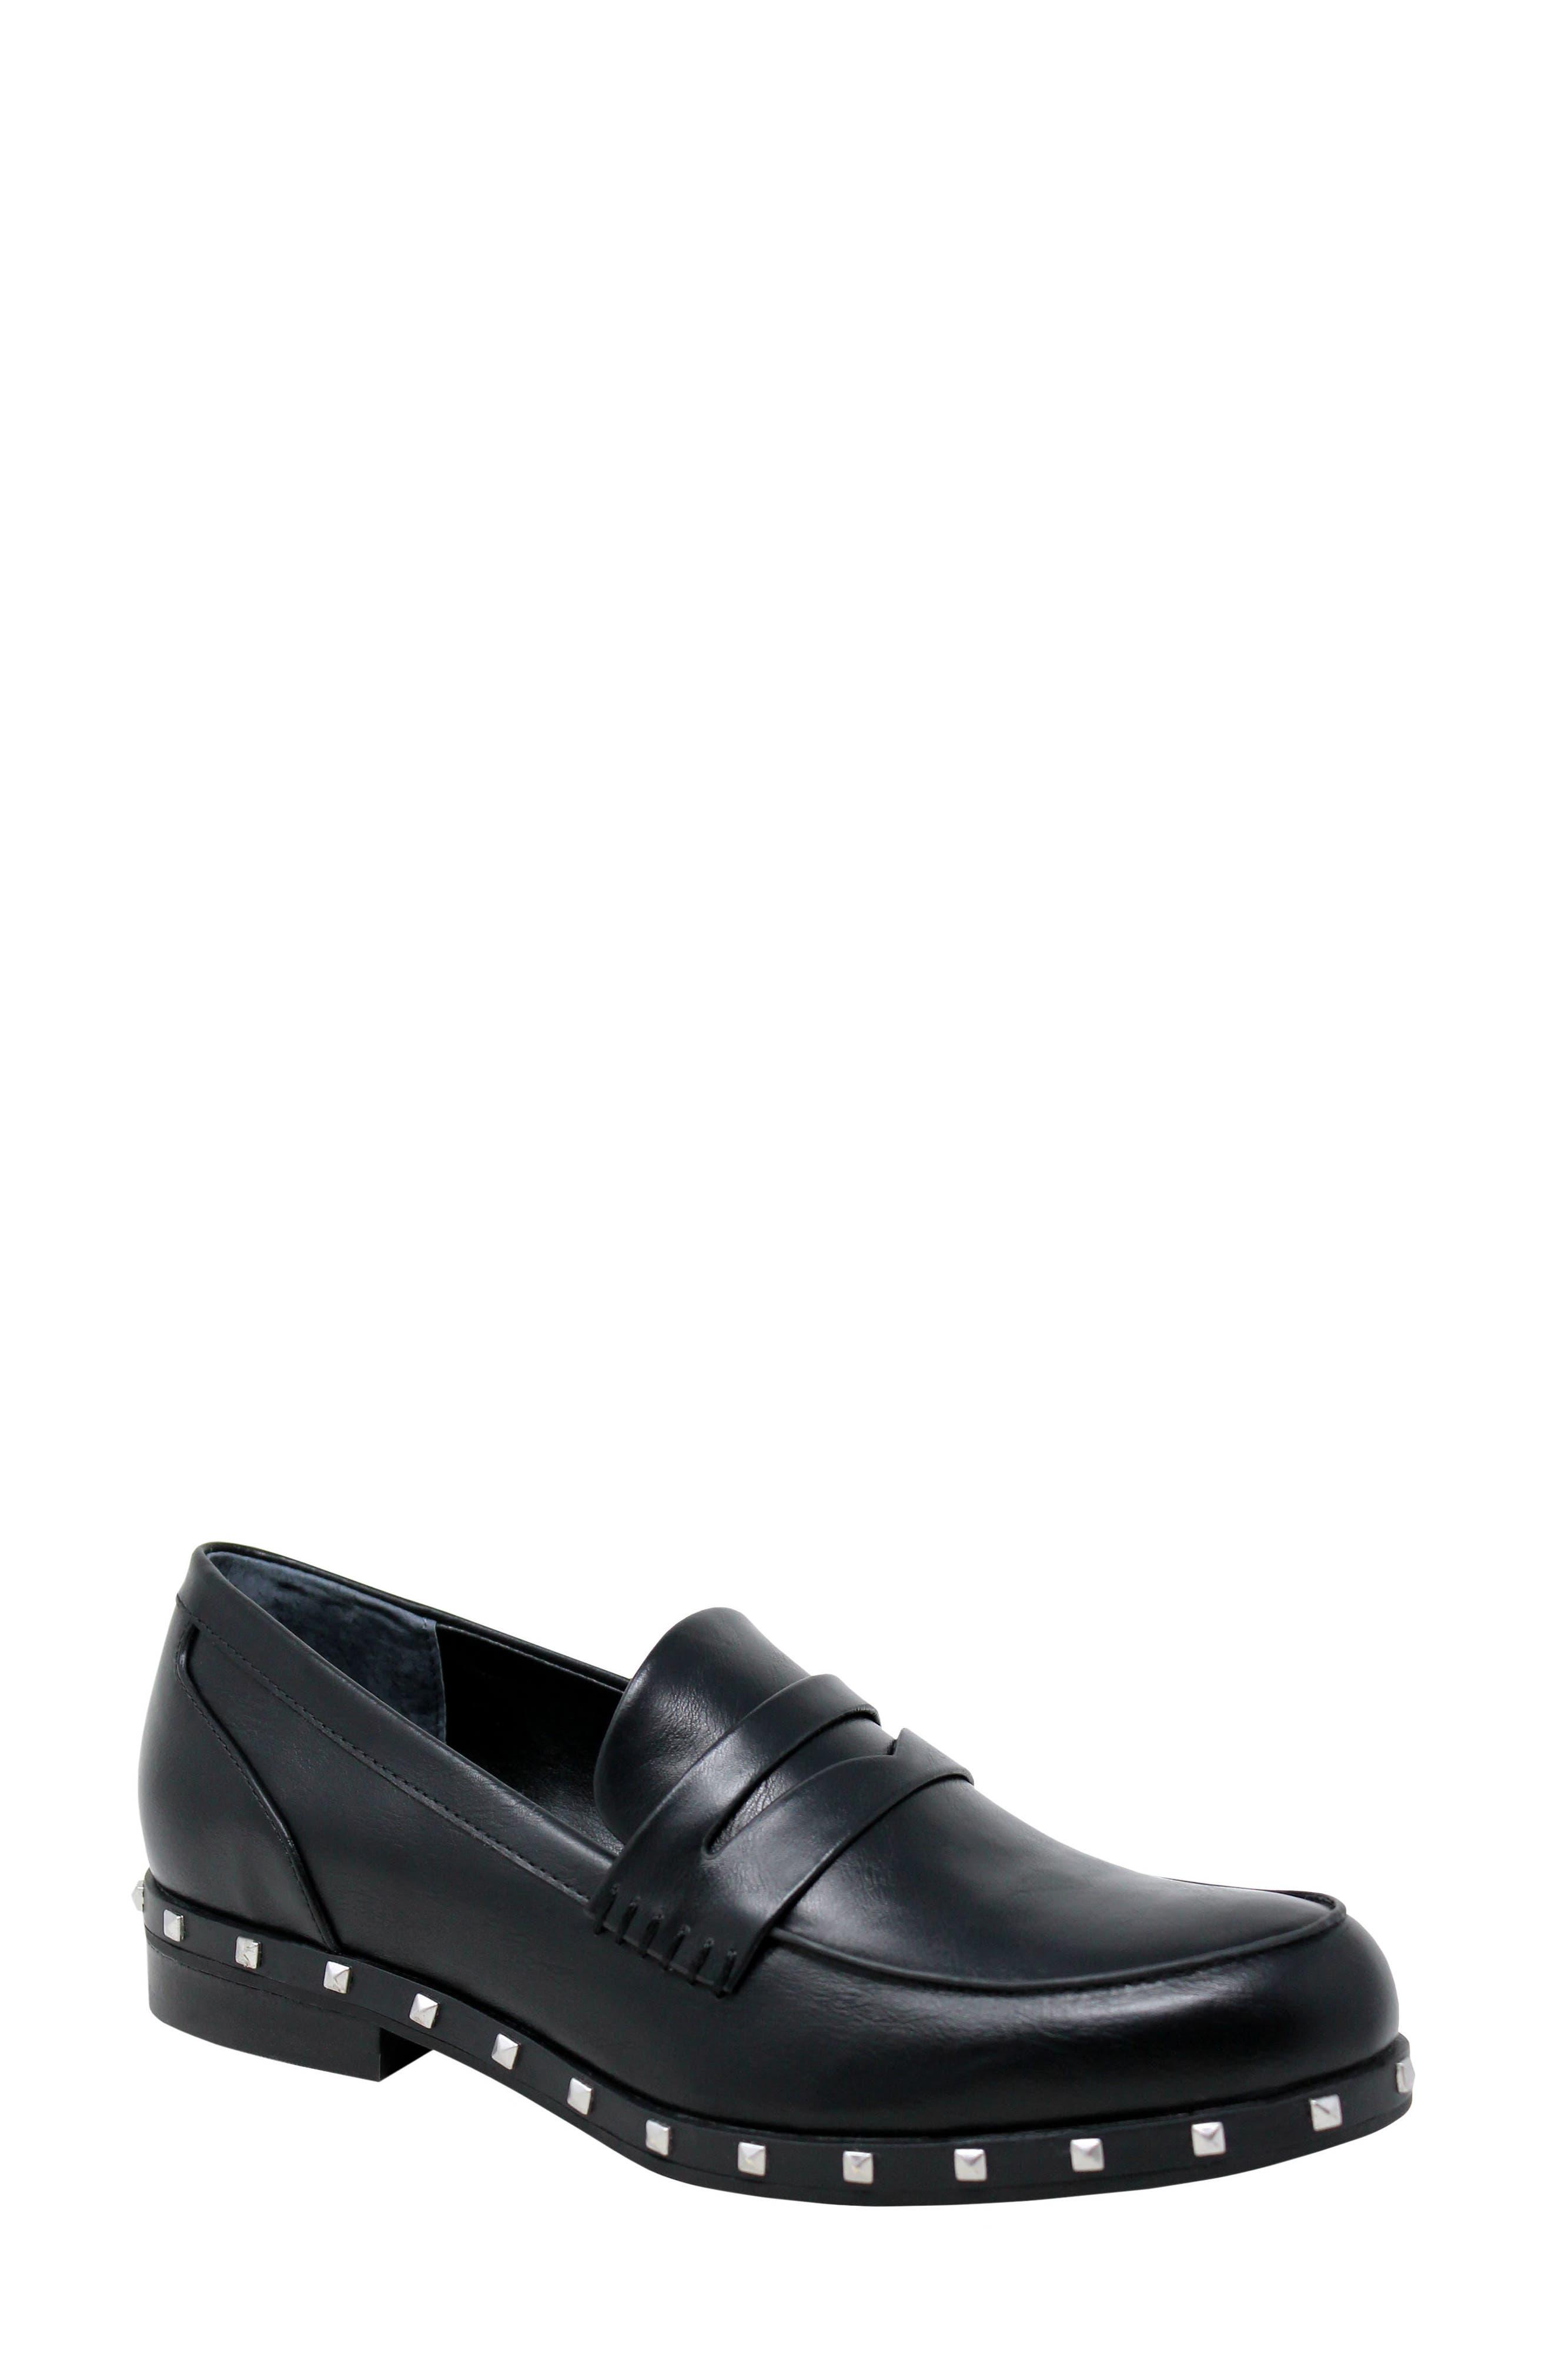 Jourdan Stud Detail Loafers